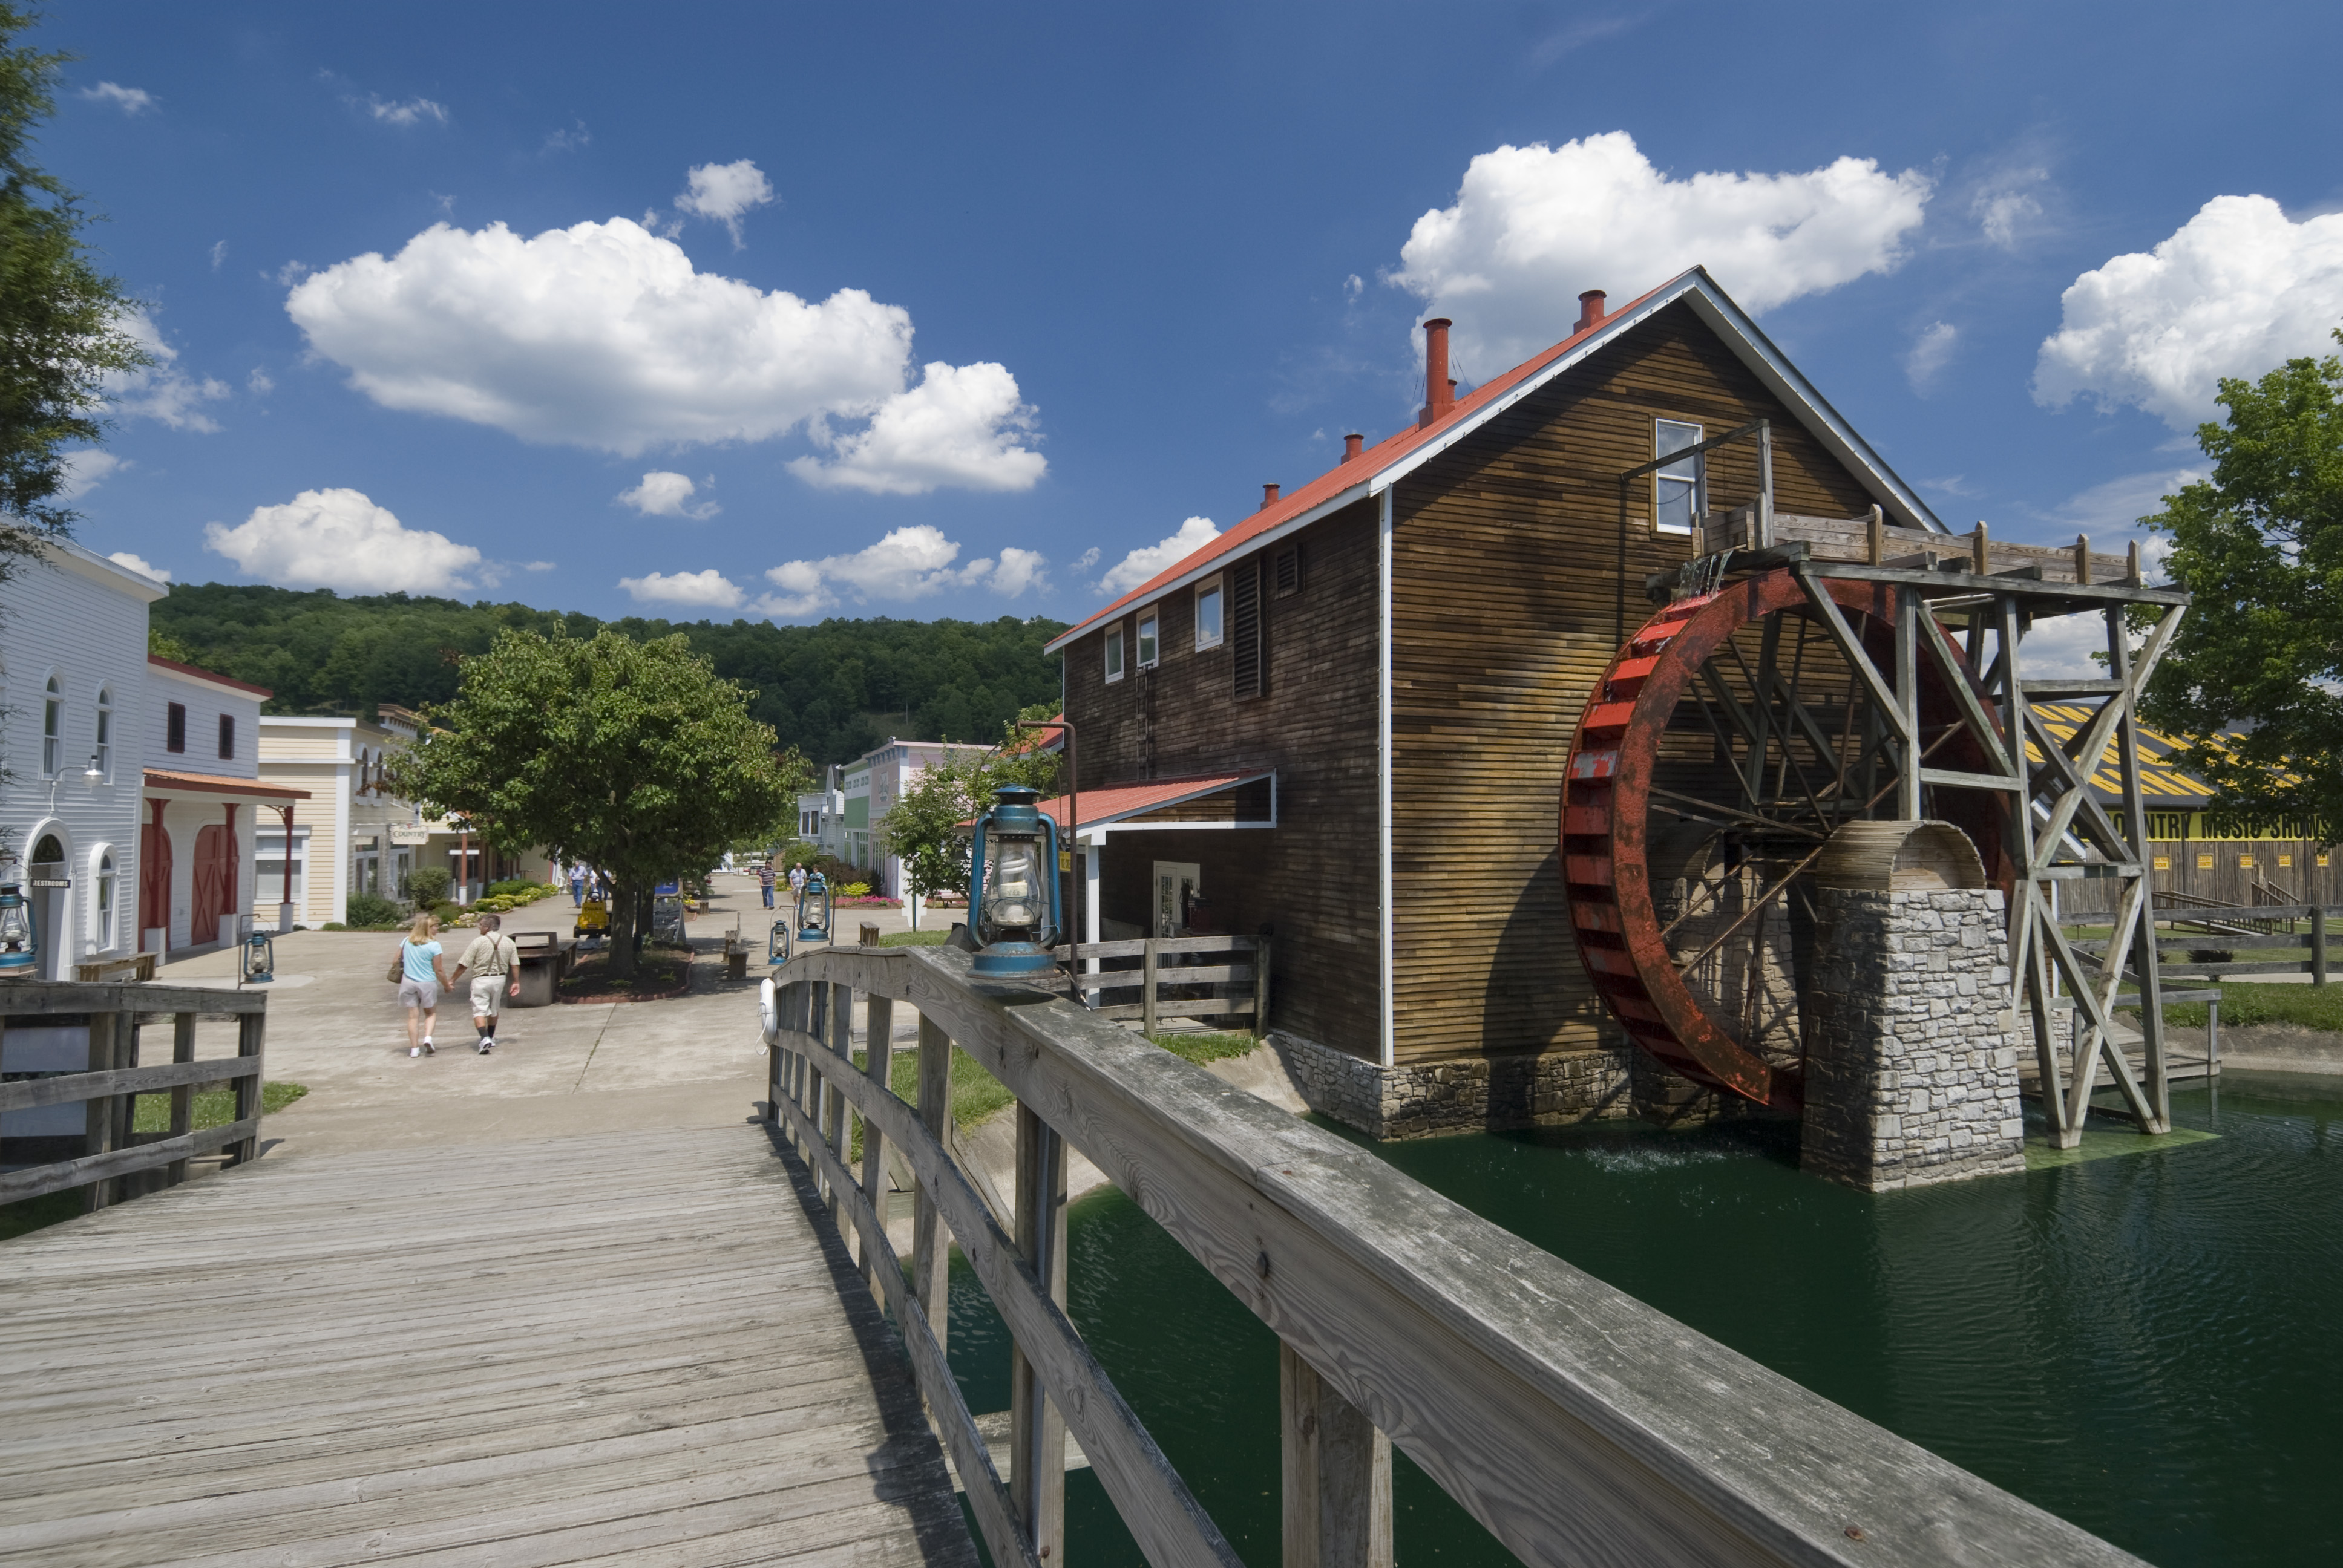 Grist Mill Village